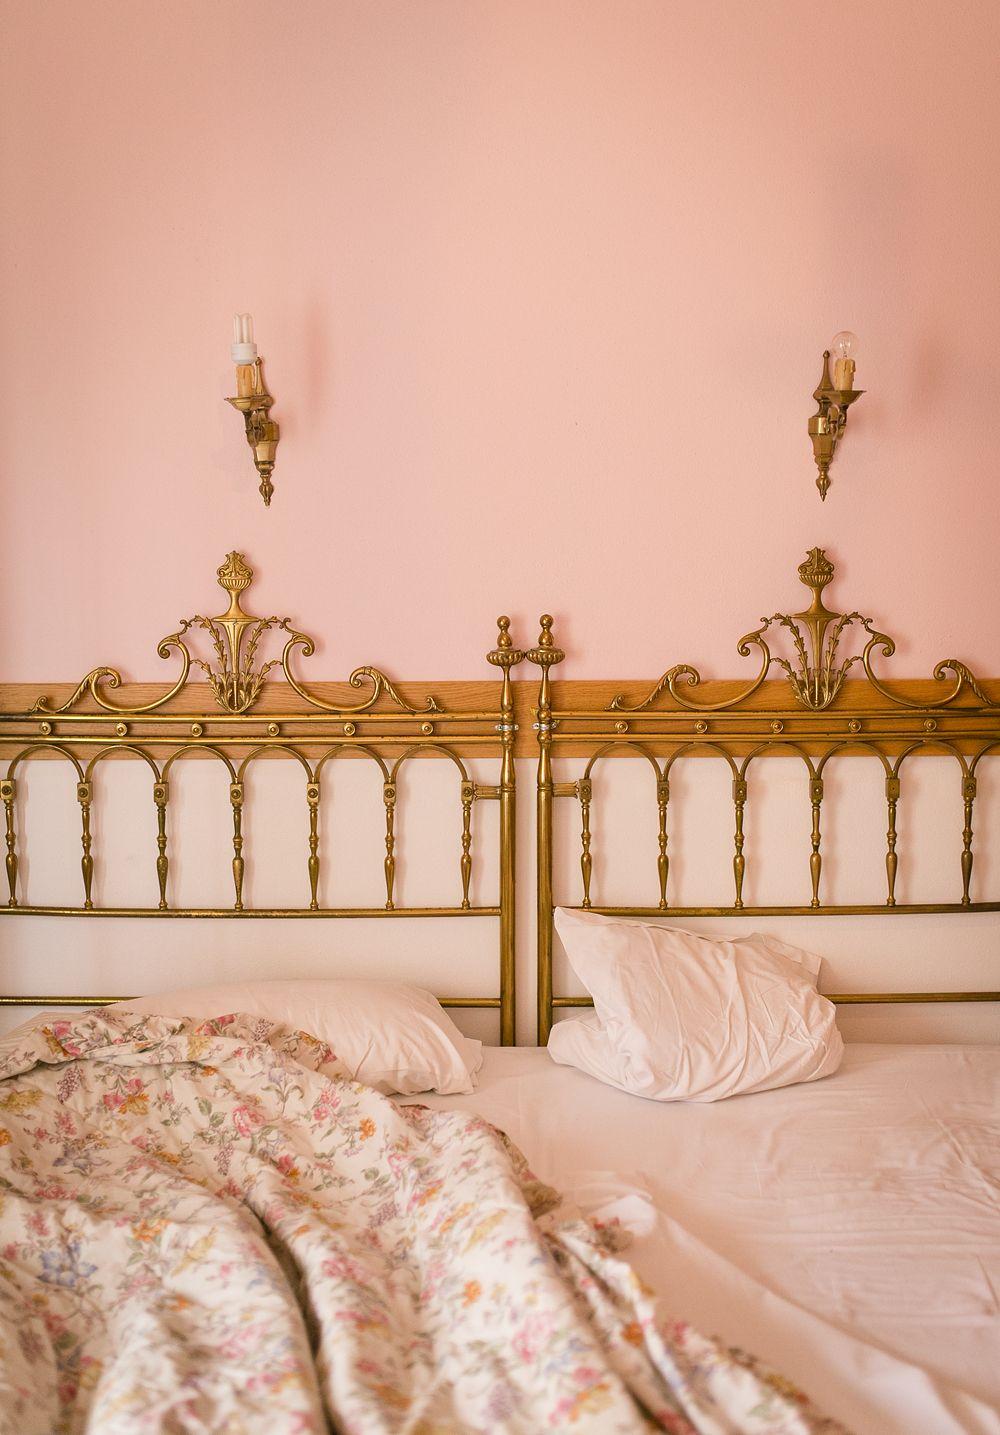 Vackert slitna fasader och romantiska gränder i Verona